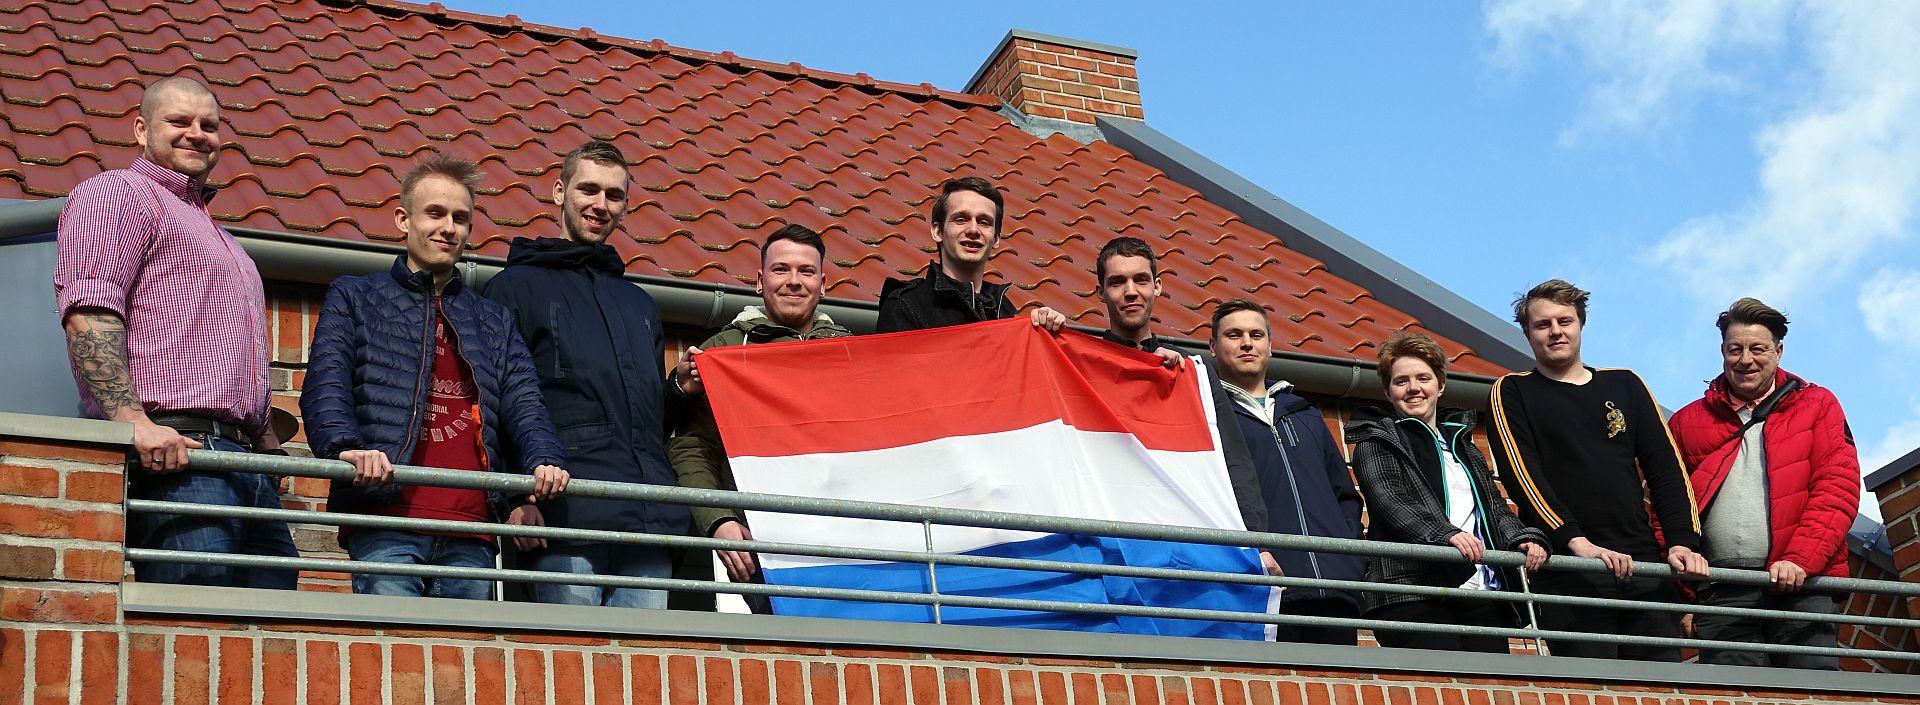 nederlandse versie beschikbaar